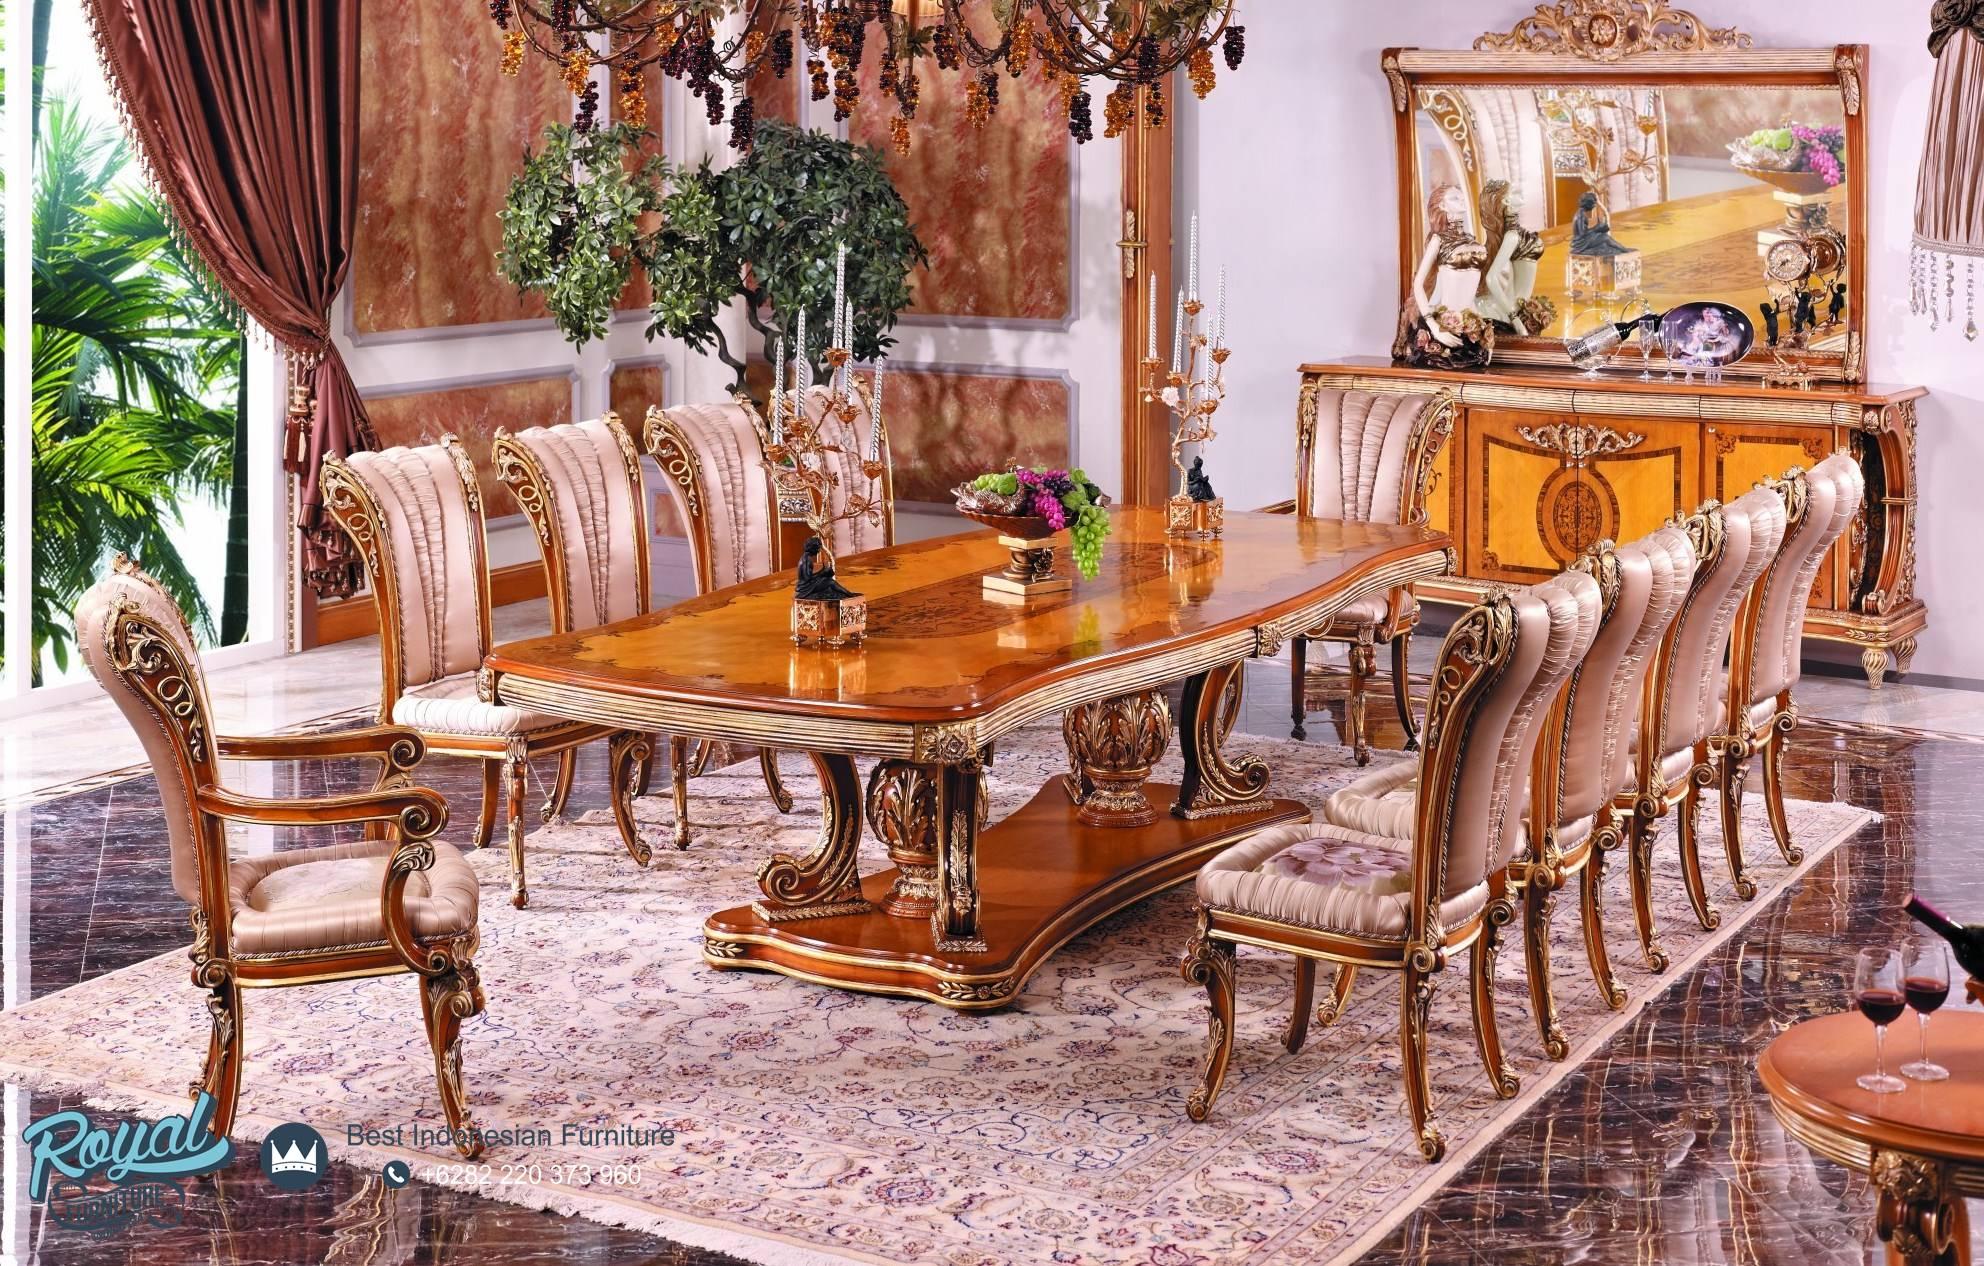 Set Meja Makan Mewah Alina Big Set Furniture Ruang Makan Terbaru, Meja Makan Jati, Meja Makan Jati Jepara, Meja Makan Jati Jepara Mewah, Meja Makan Jati Jepara Terbaru, Meja Makan Jati Murah, Meja Makan Jepara, Meja Makan Jepara 6 Kursi, Meja Makan Jepara 8 Kursi, Set Meja makan 10 kursi, Meja Makan Jepara Jati, Meja Makan Jepara Mewah, Meja Makan Jepara Minimalis, Meja Makan Jepara Modern, Meja Makan Jepara Murah, Meja Makan Jepara Terbaru, Meja Makan Klasik, Meja Makan Klasik Mewah, Meja Makan Mewah, Meja Makan Mewah Duco, Meja Makan Mewah Jati, Meja Makan Mewah Minimalis, Meja Makan Mewah Modern, Meja Makan Mewah Ukir, Meja Makan Minimalis, Meja Makan Minimalis Duco, Meja Makan Minimalis Jati, Meja Makan Minimalis Klasik, Meja Makan Minimalis Modern, Meja Makan Murah, Meja Makan Set Jepara, Meja Makan Set Mewah, Meja Makan Ukir, Meja Makan Ukir Jepara, Meja Makan Ukir Mewah, Meja Makan Ukiran Jepara, Meja Makan Vintage, Model Meja Makan Mewah, Set Meja Makan Jati Jepara, Set Meja Makan Mewah,Royal Furniture